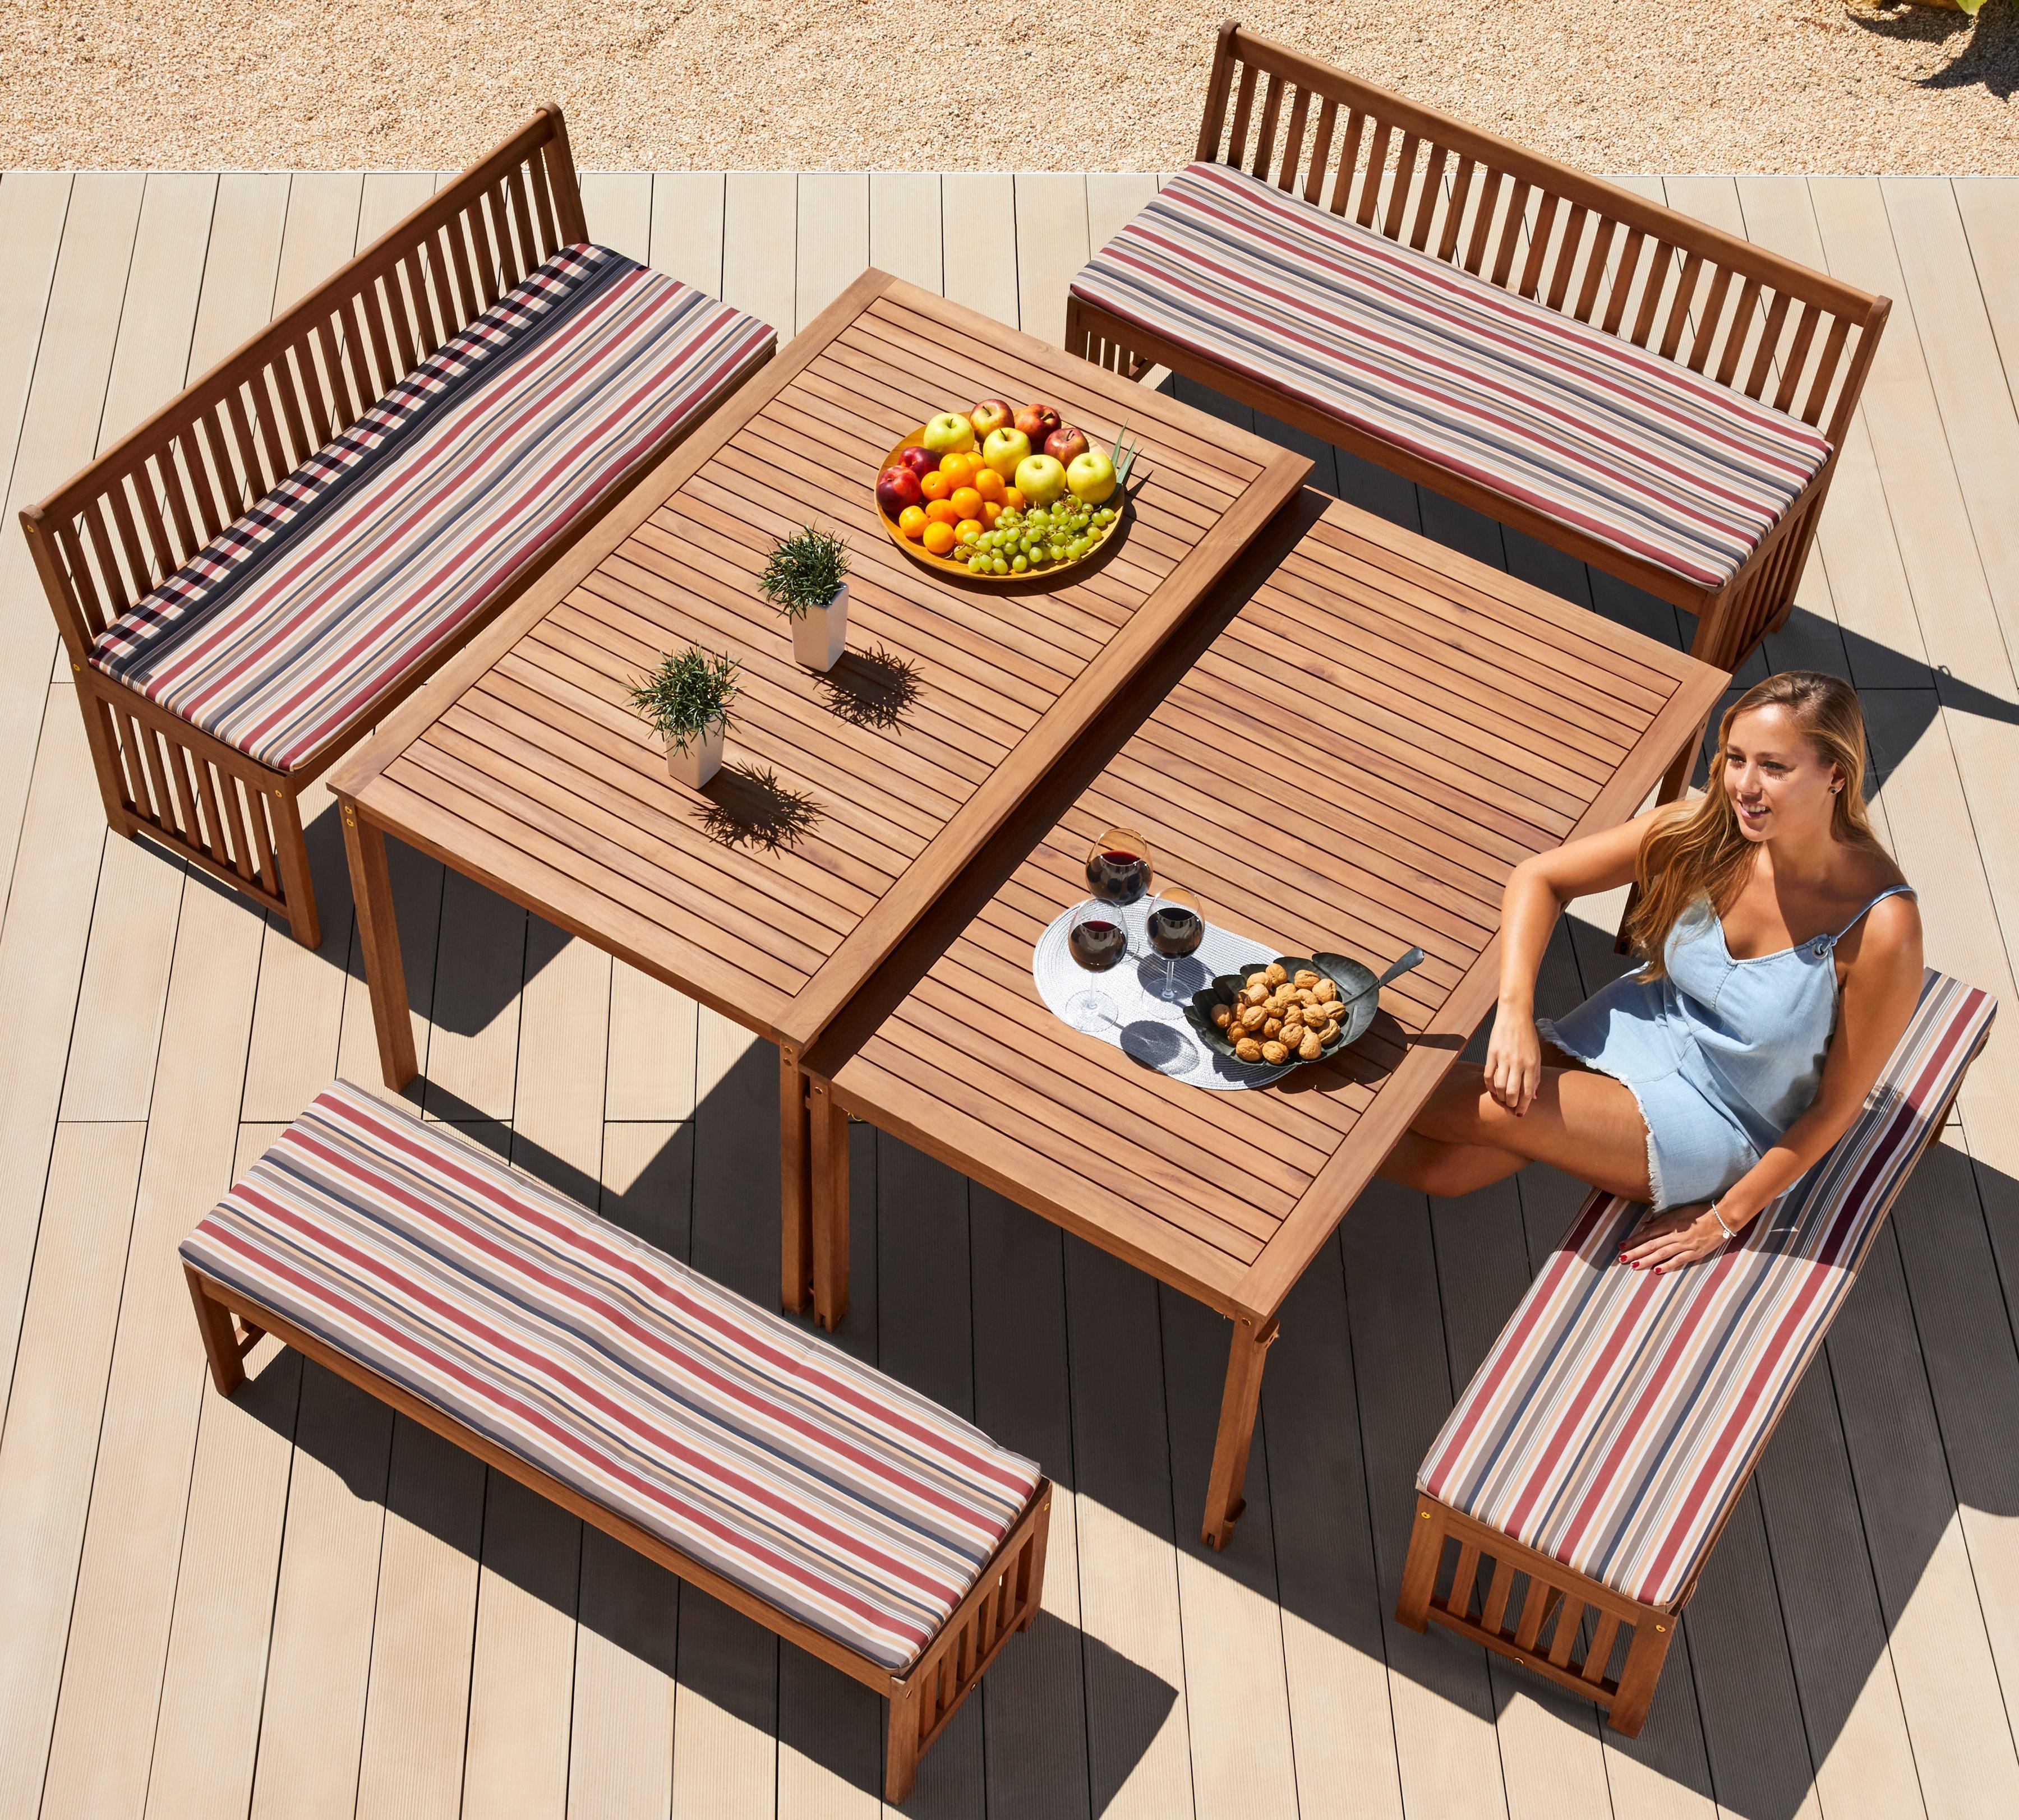 MERXX Gartenmöbelset Hawaii 10-tlg 4 Bänke 2 Tische Akazienholz braun